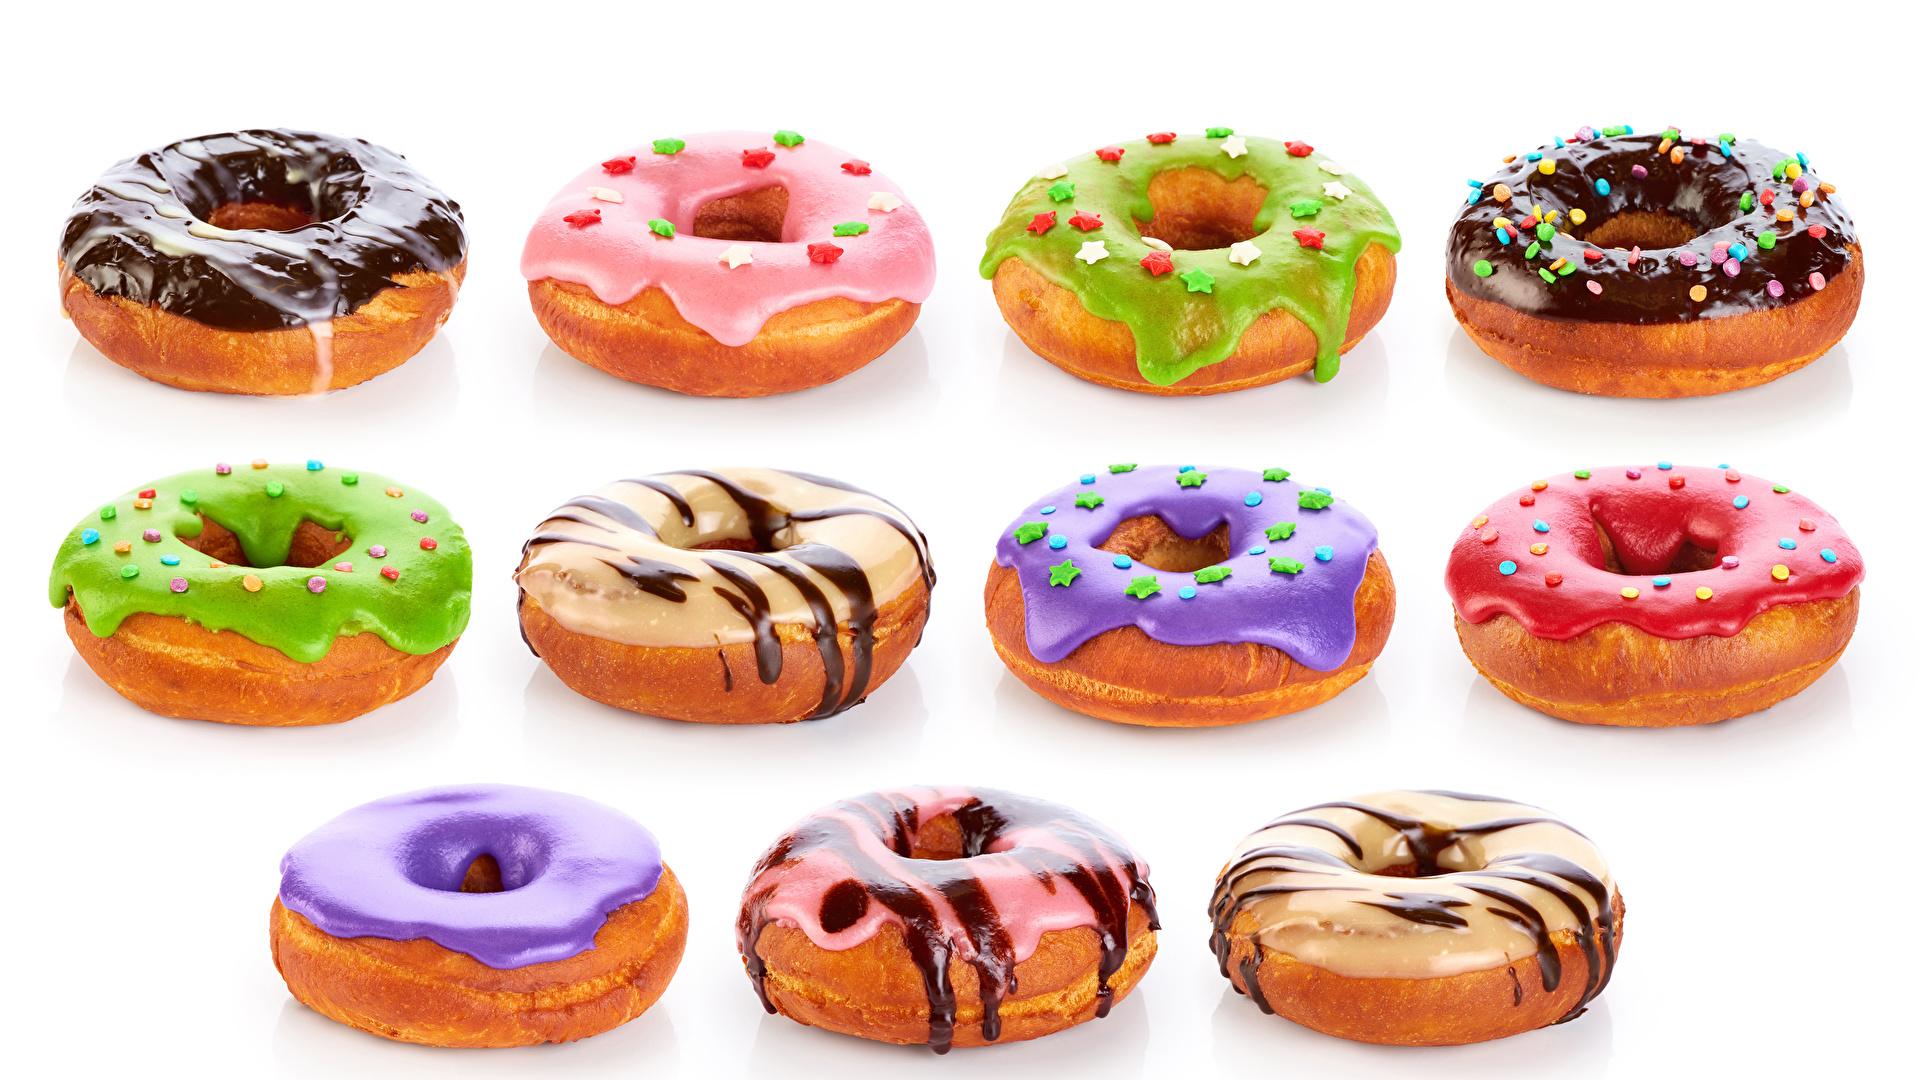 Картинка Разноцветные Шоколад Пончики Еда белом фоне 1920x1080 Пища Продукты питания Белый фон белым фоном